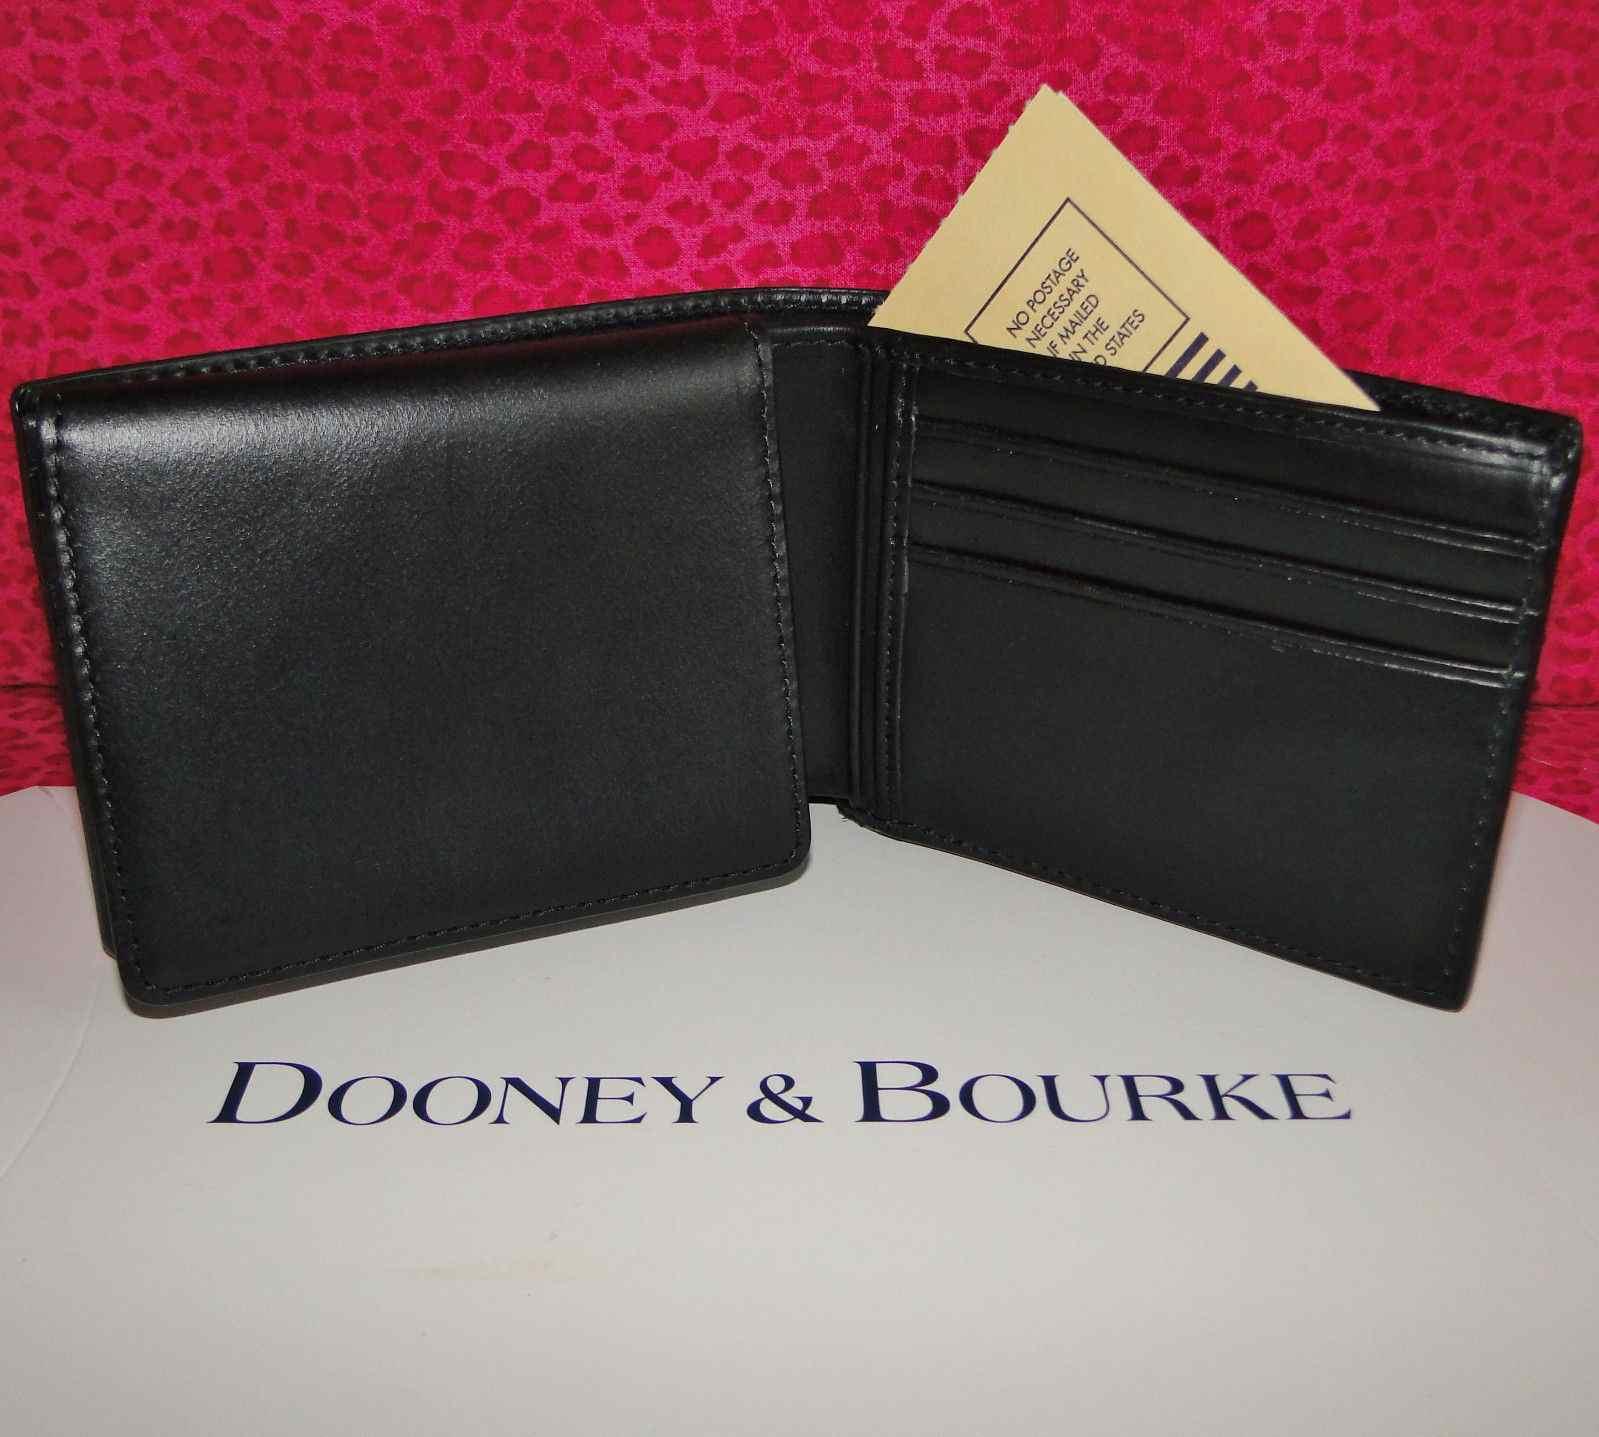 Dooney & Bourke Florentine Leather Black Wallet